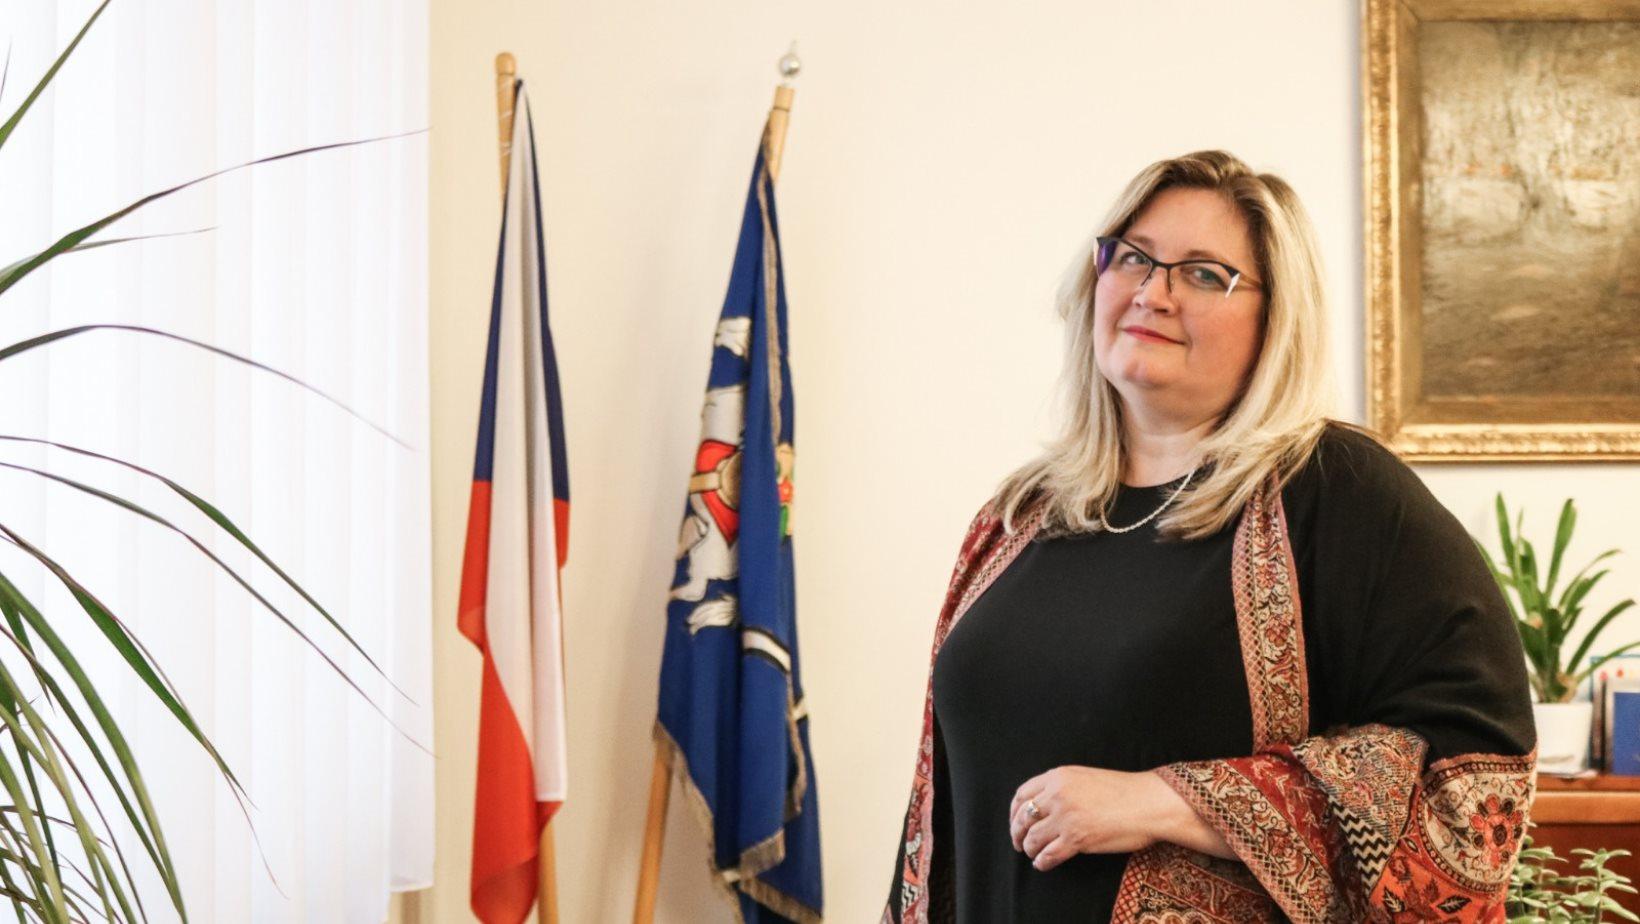 Zuzana Ožanová (* 1970) za ANO je starostkou městského obvodu Moravská Ostrava a Přívoz. Pochází z Kopřivnice a je vdaná.